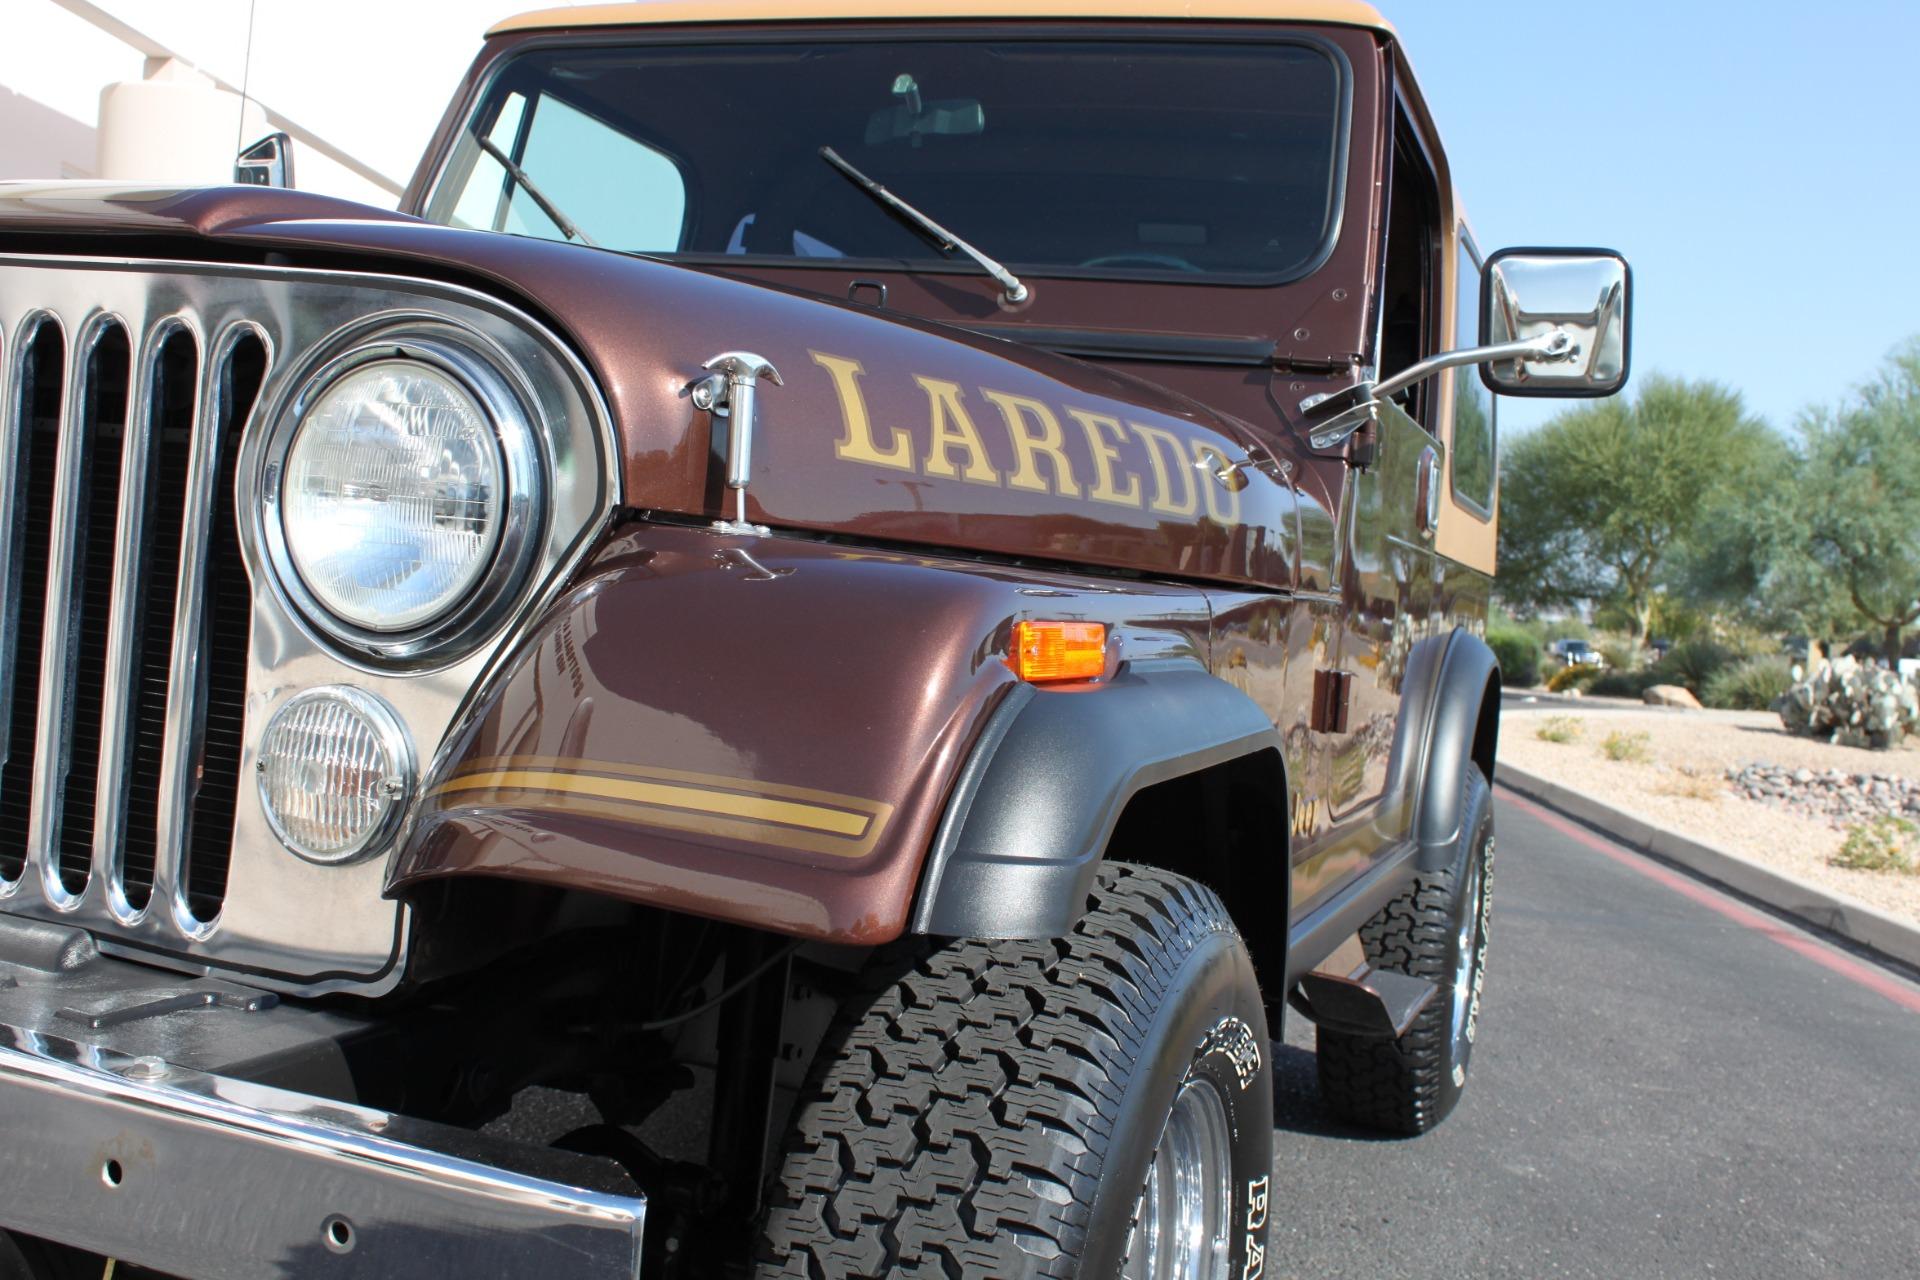 Used-1985-Jeep-CJ-7-Laredo-4WD-Audi